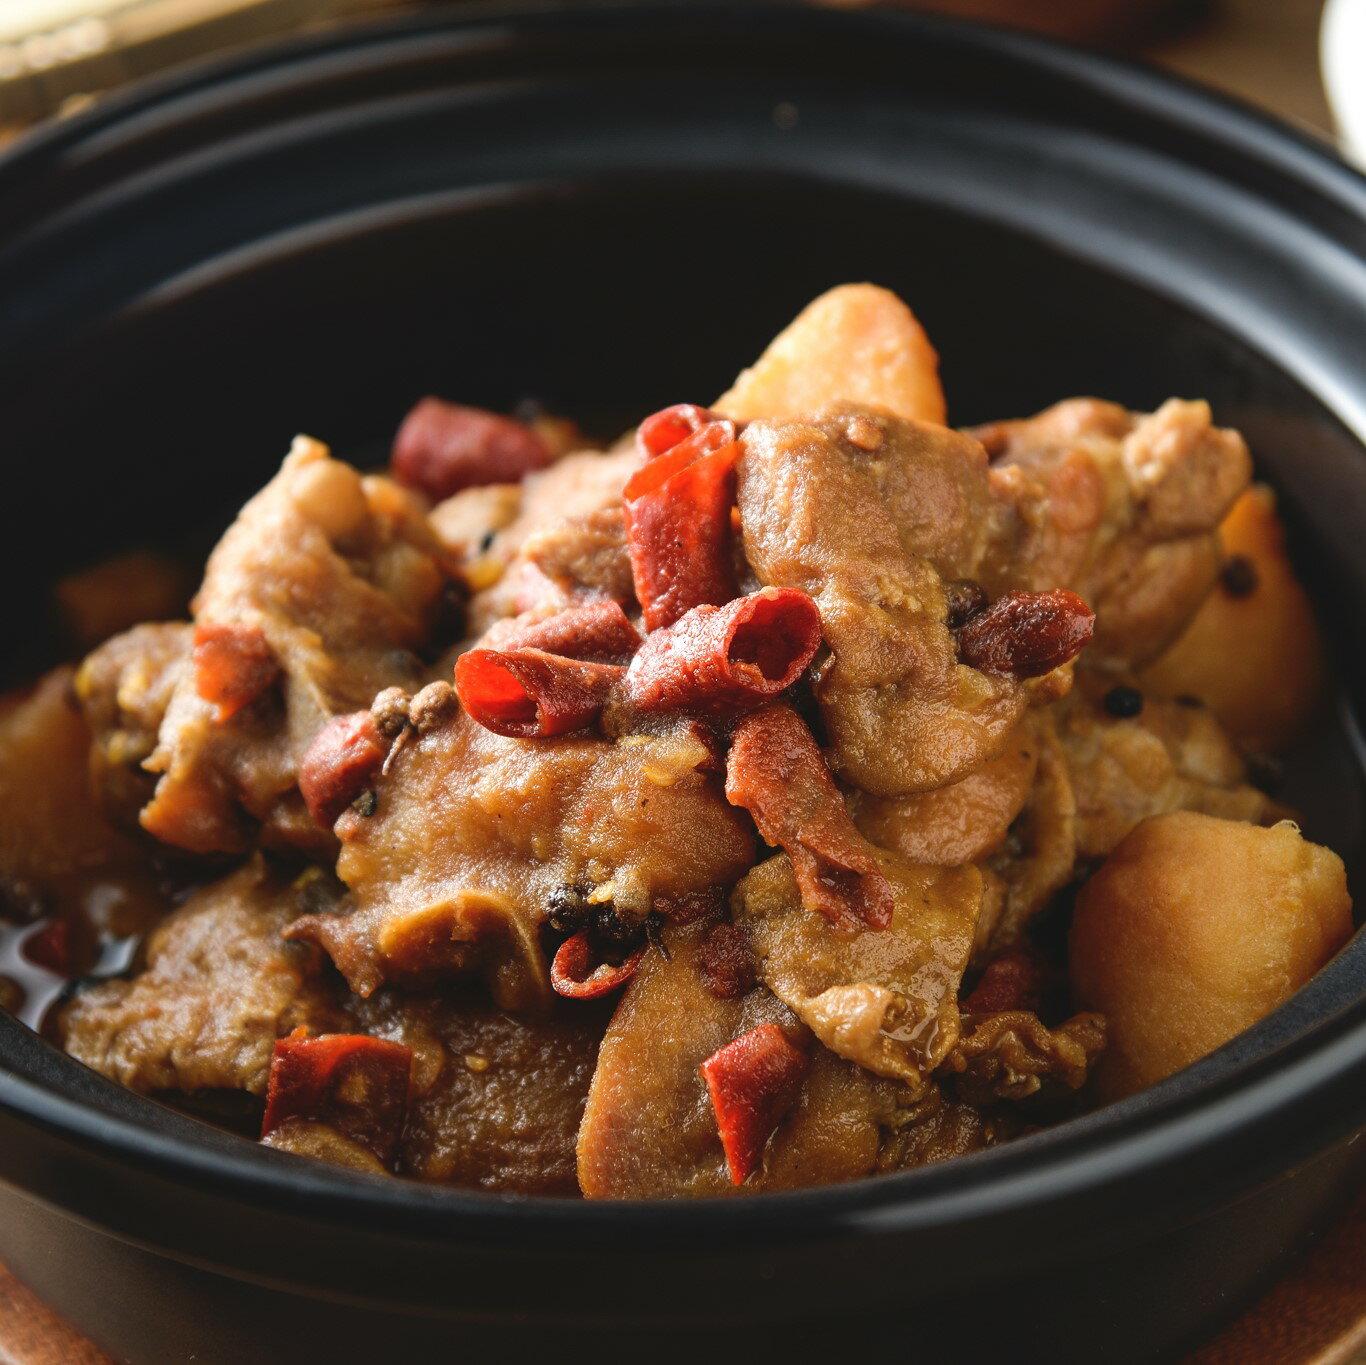 川味大盤雞 500g    || 爽滑麻辣的雞肉和軟糯甜潤的馬鈴薯,辣中有香 4